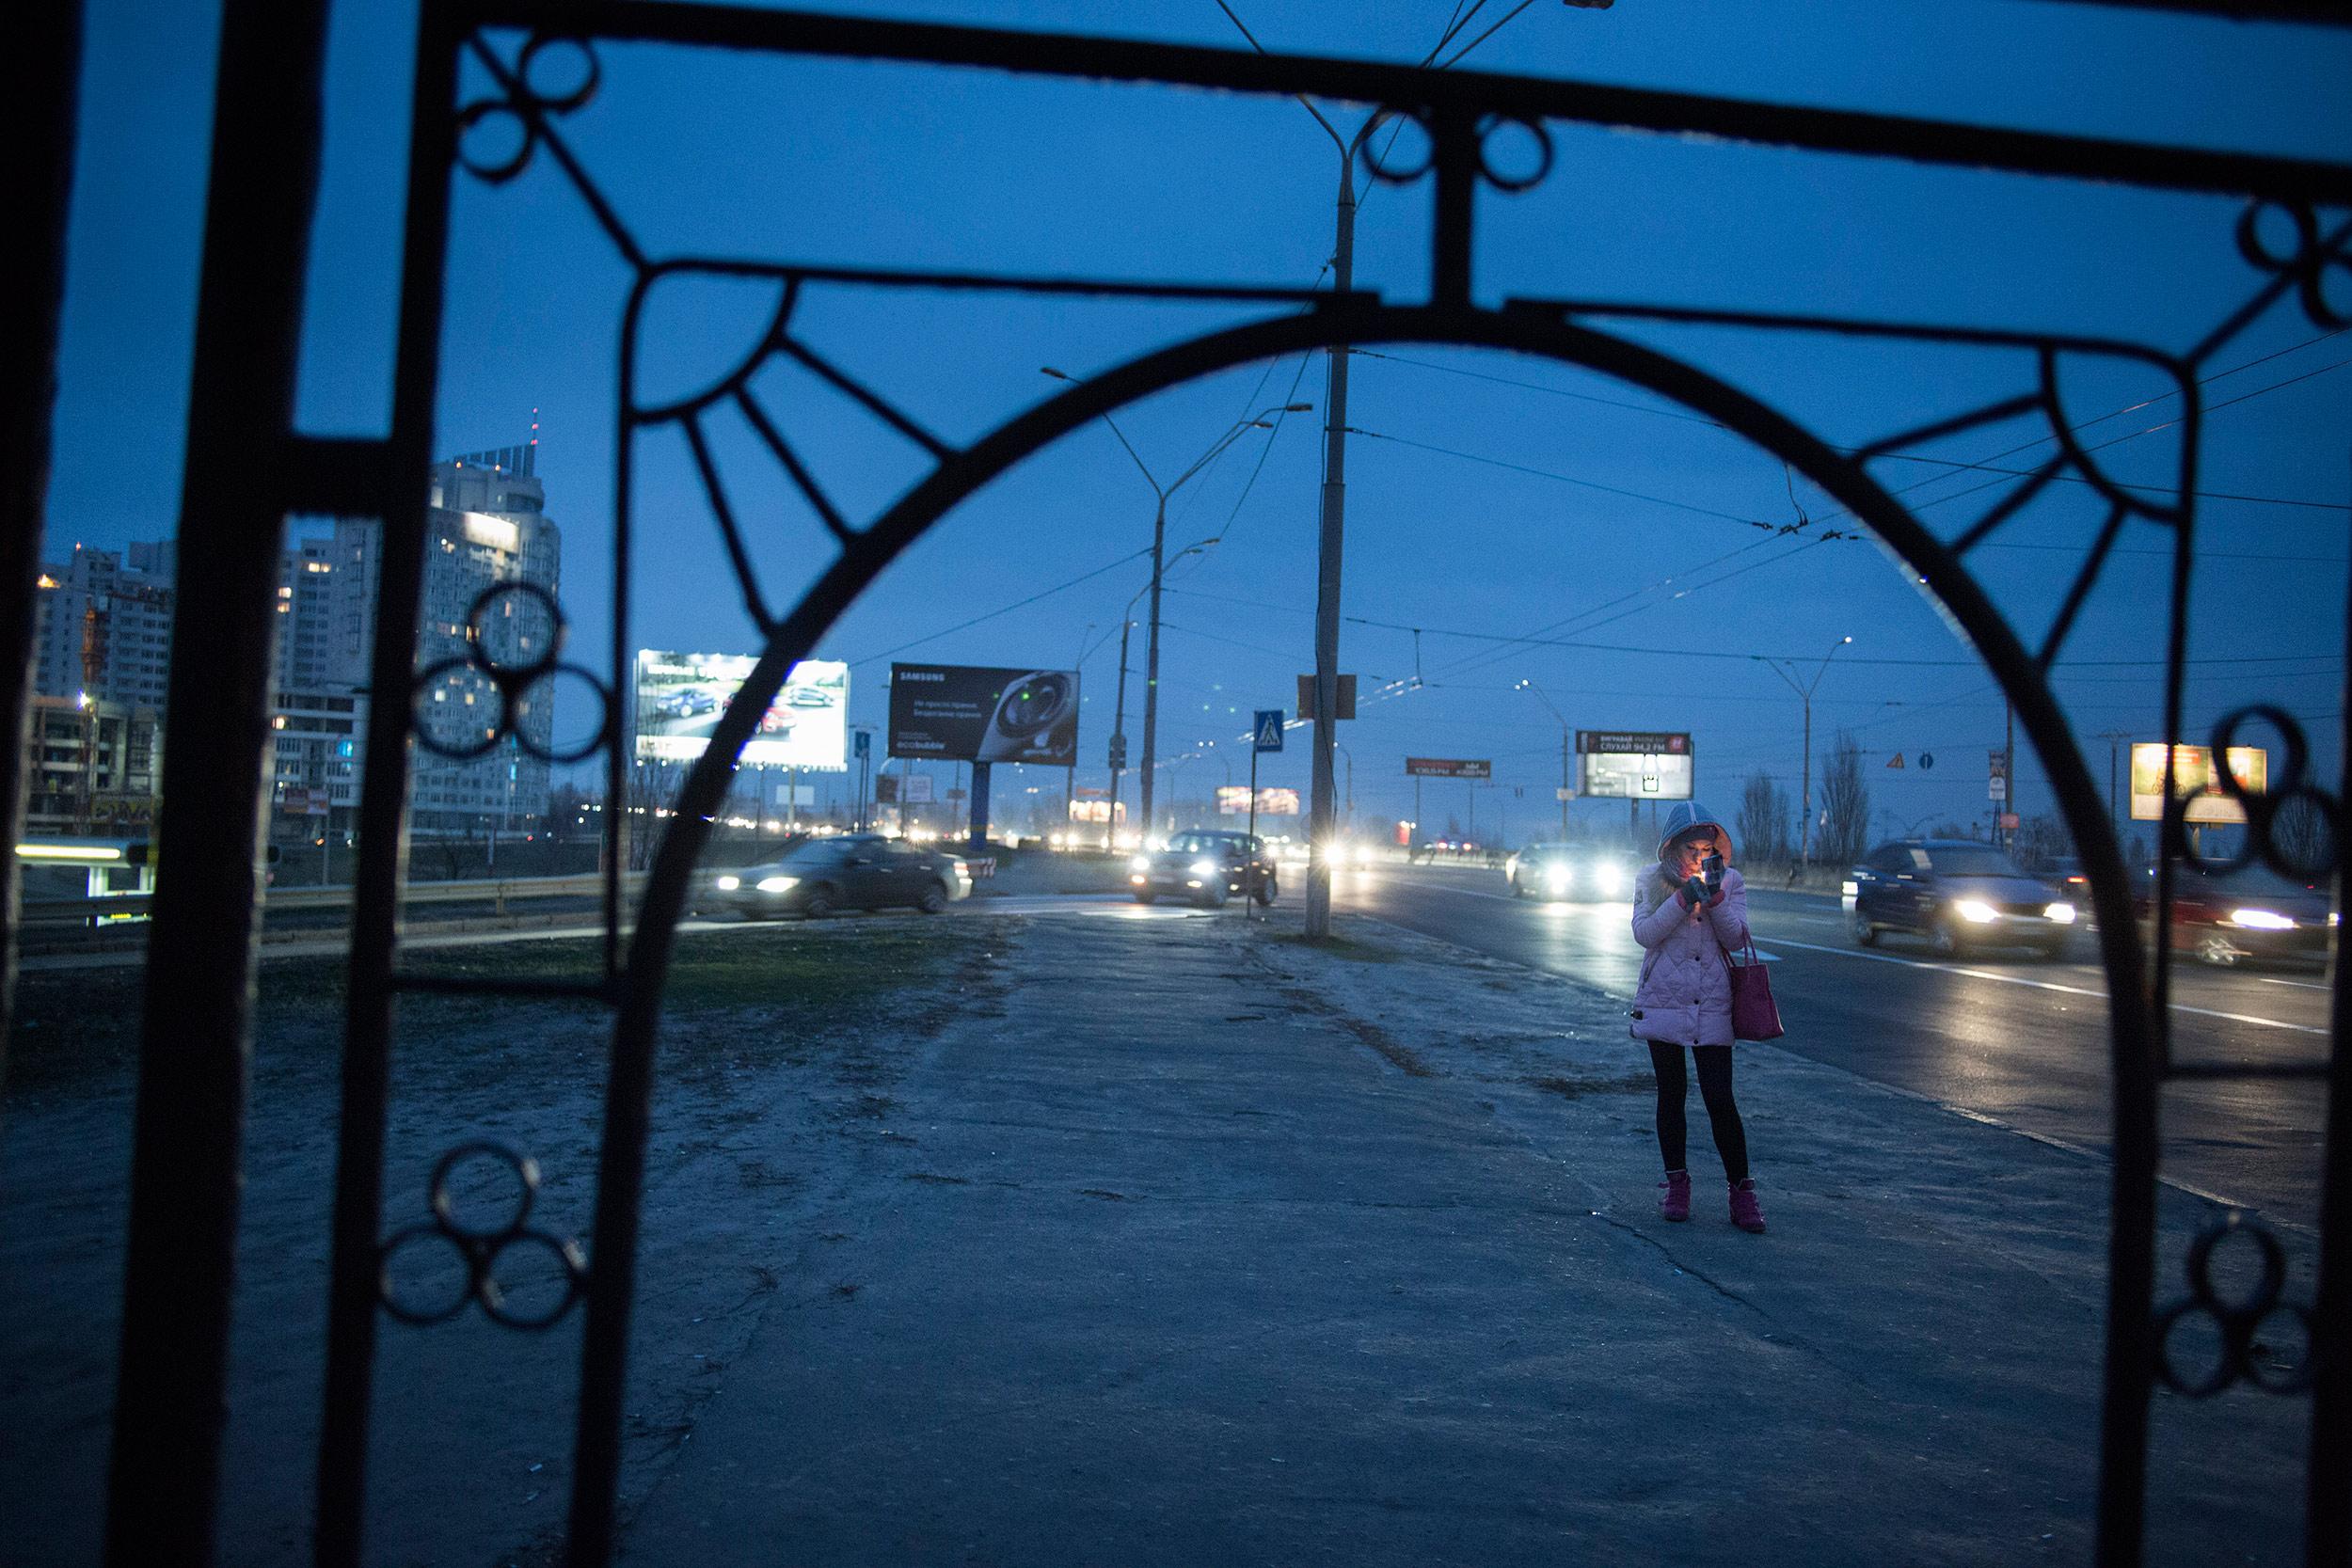 Kiev, Ukraine, November 28, 2015